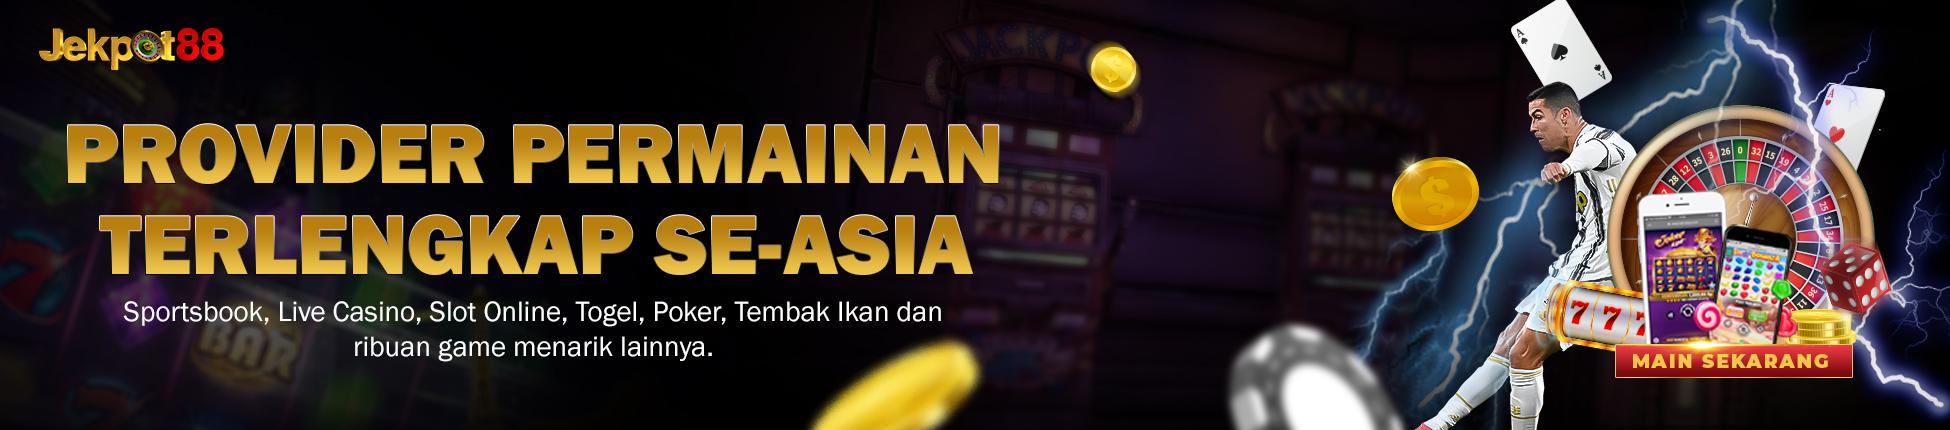 Provider Permainan Terlengkap di Asia Jekpot88